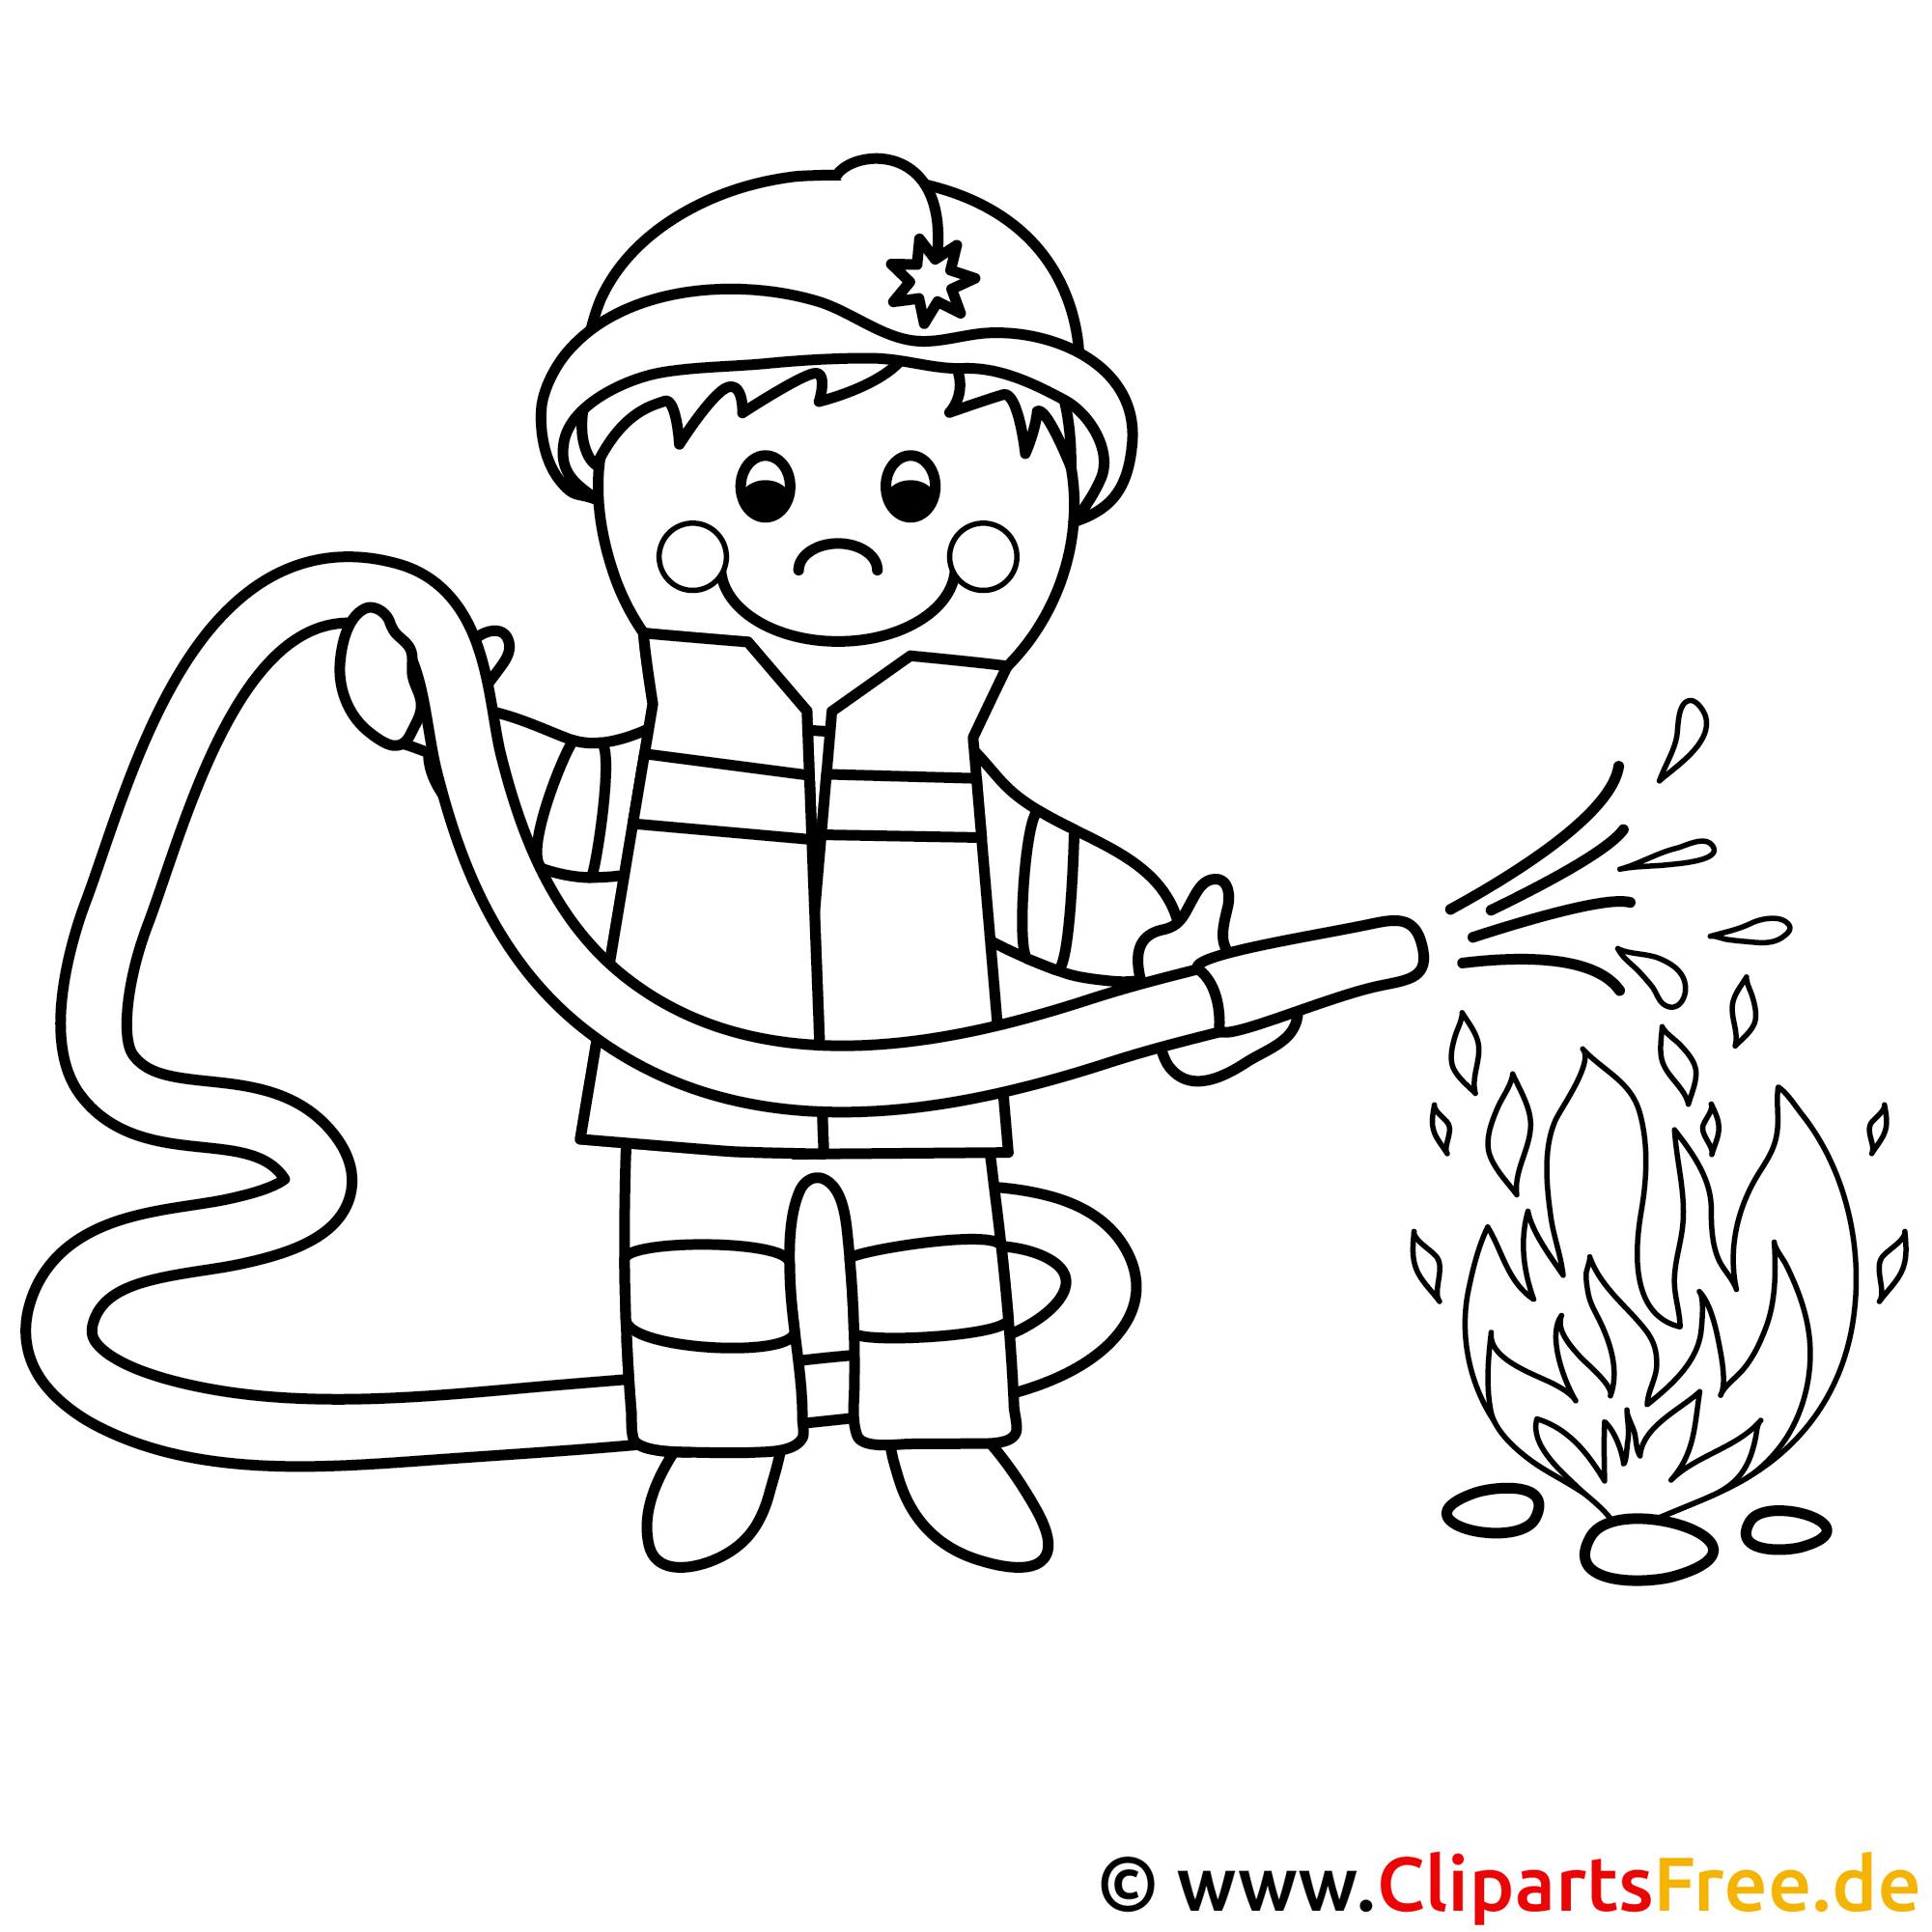 Feuerwehrmann Bild zum Ausmalen